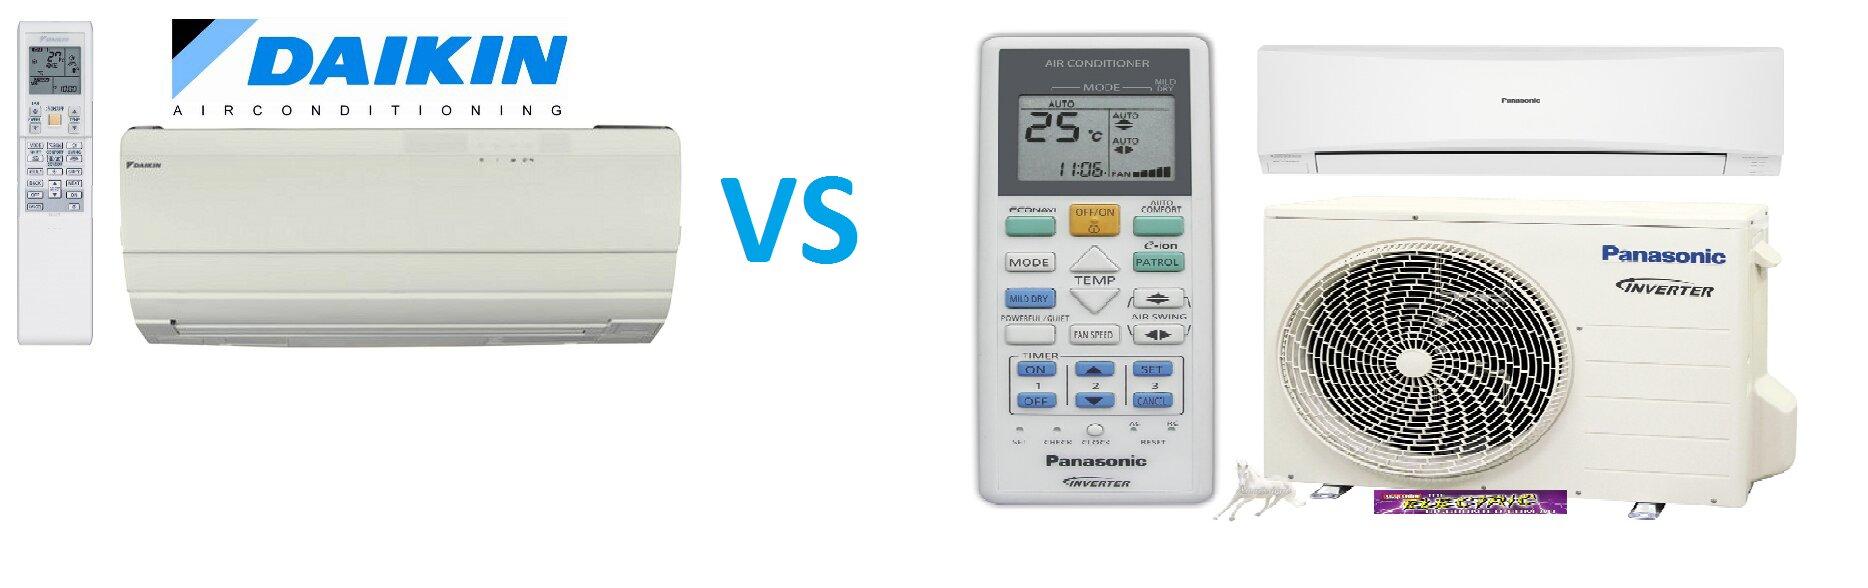 So sánh điều hòa máy lạnh Panasonic và điều hòa máy lạnh Daikin